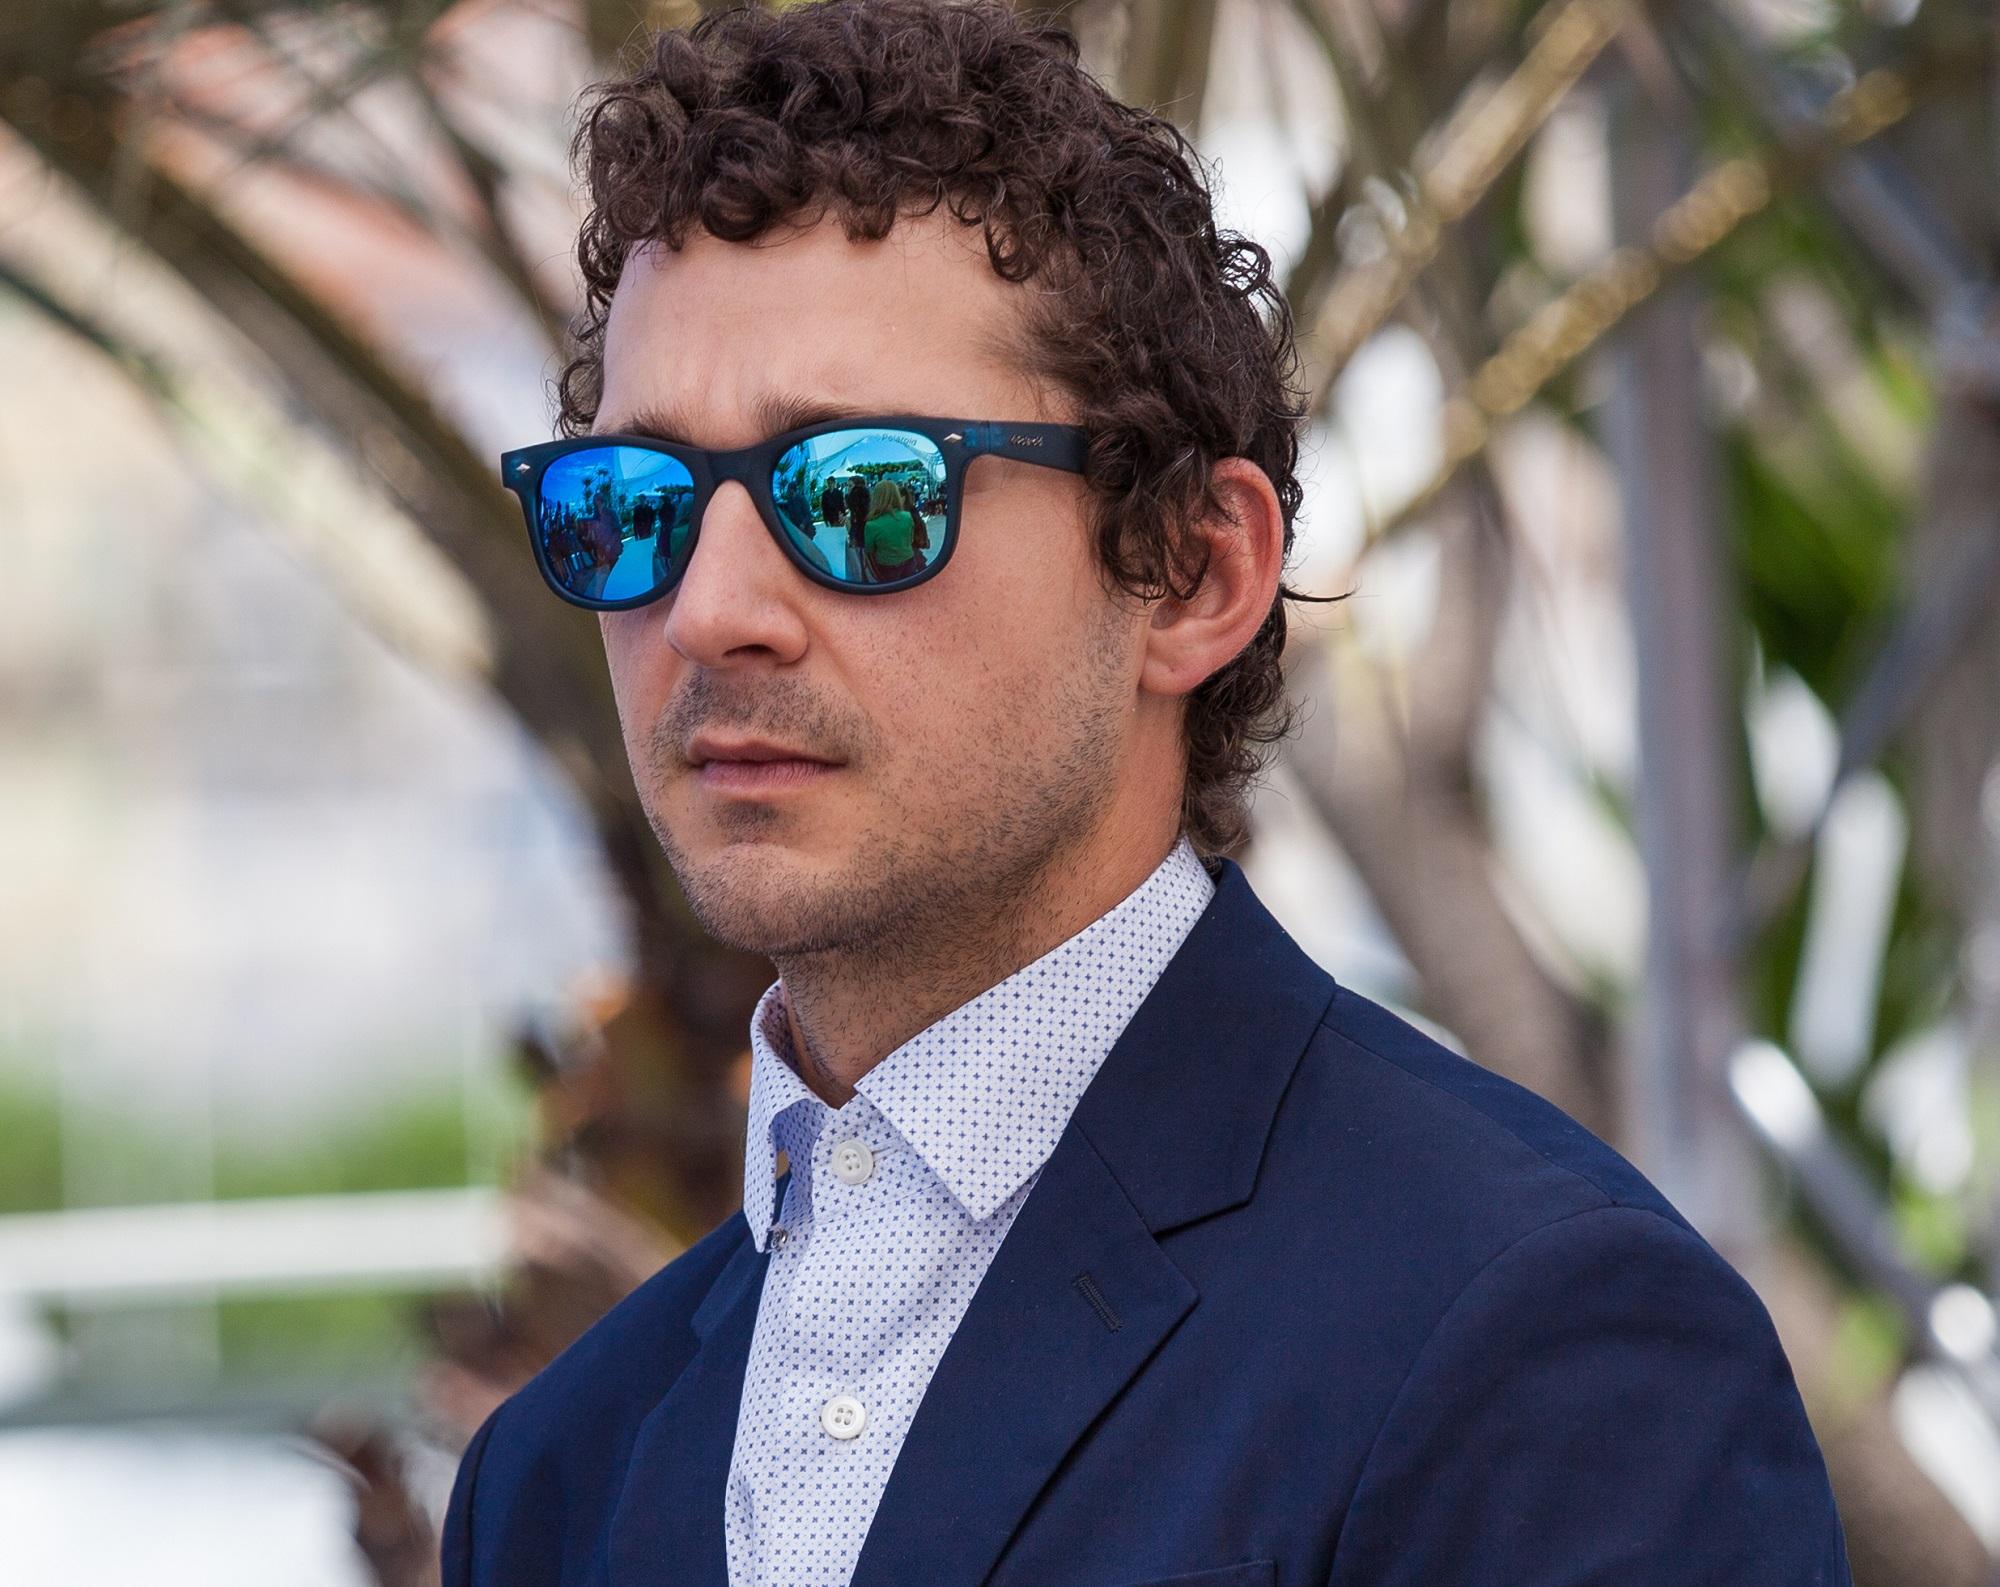 Адвокат Шайи Лабафа заявил, что актер нуждается в интенсивном лечении